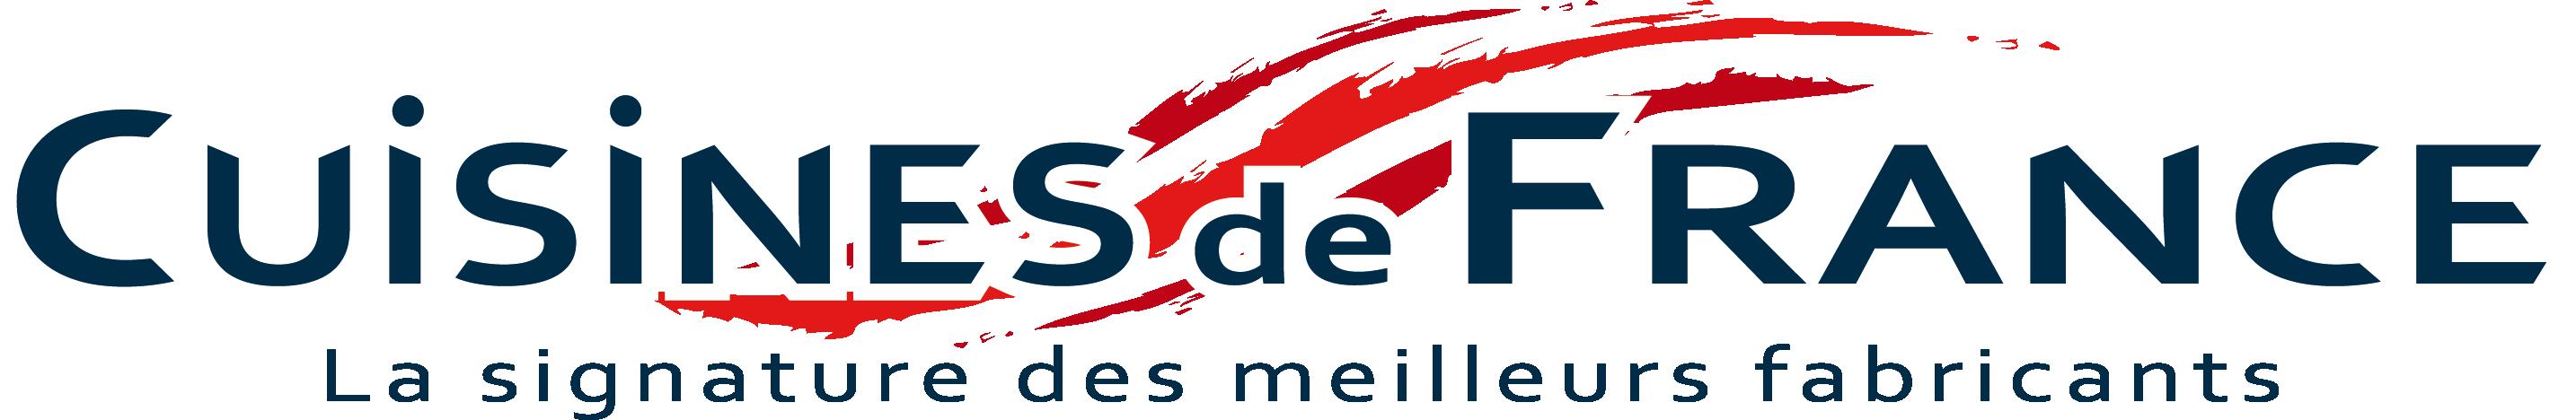 Cuisines de France – La signature des meilleures fabricants